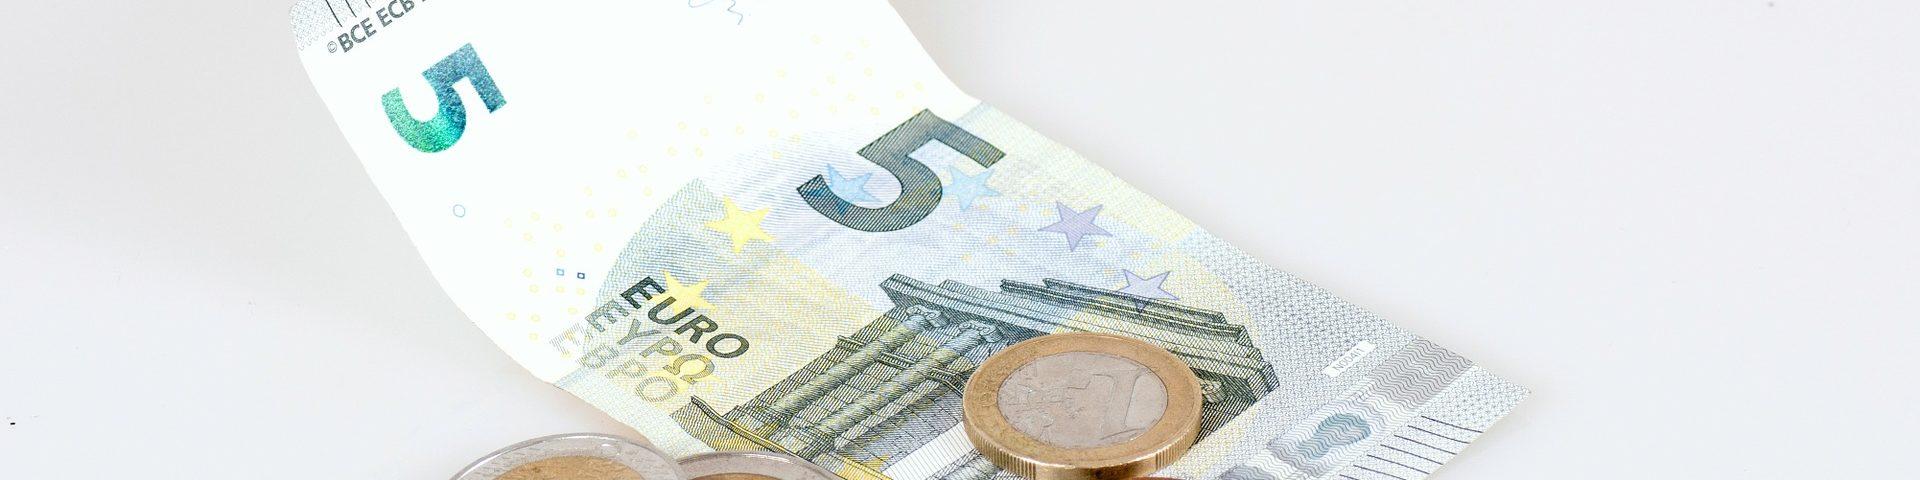 Money 1170663 1920